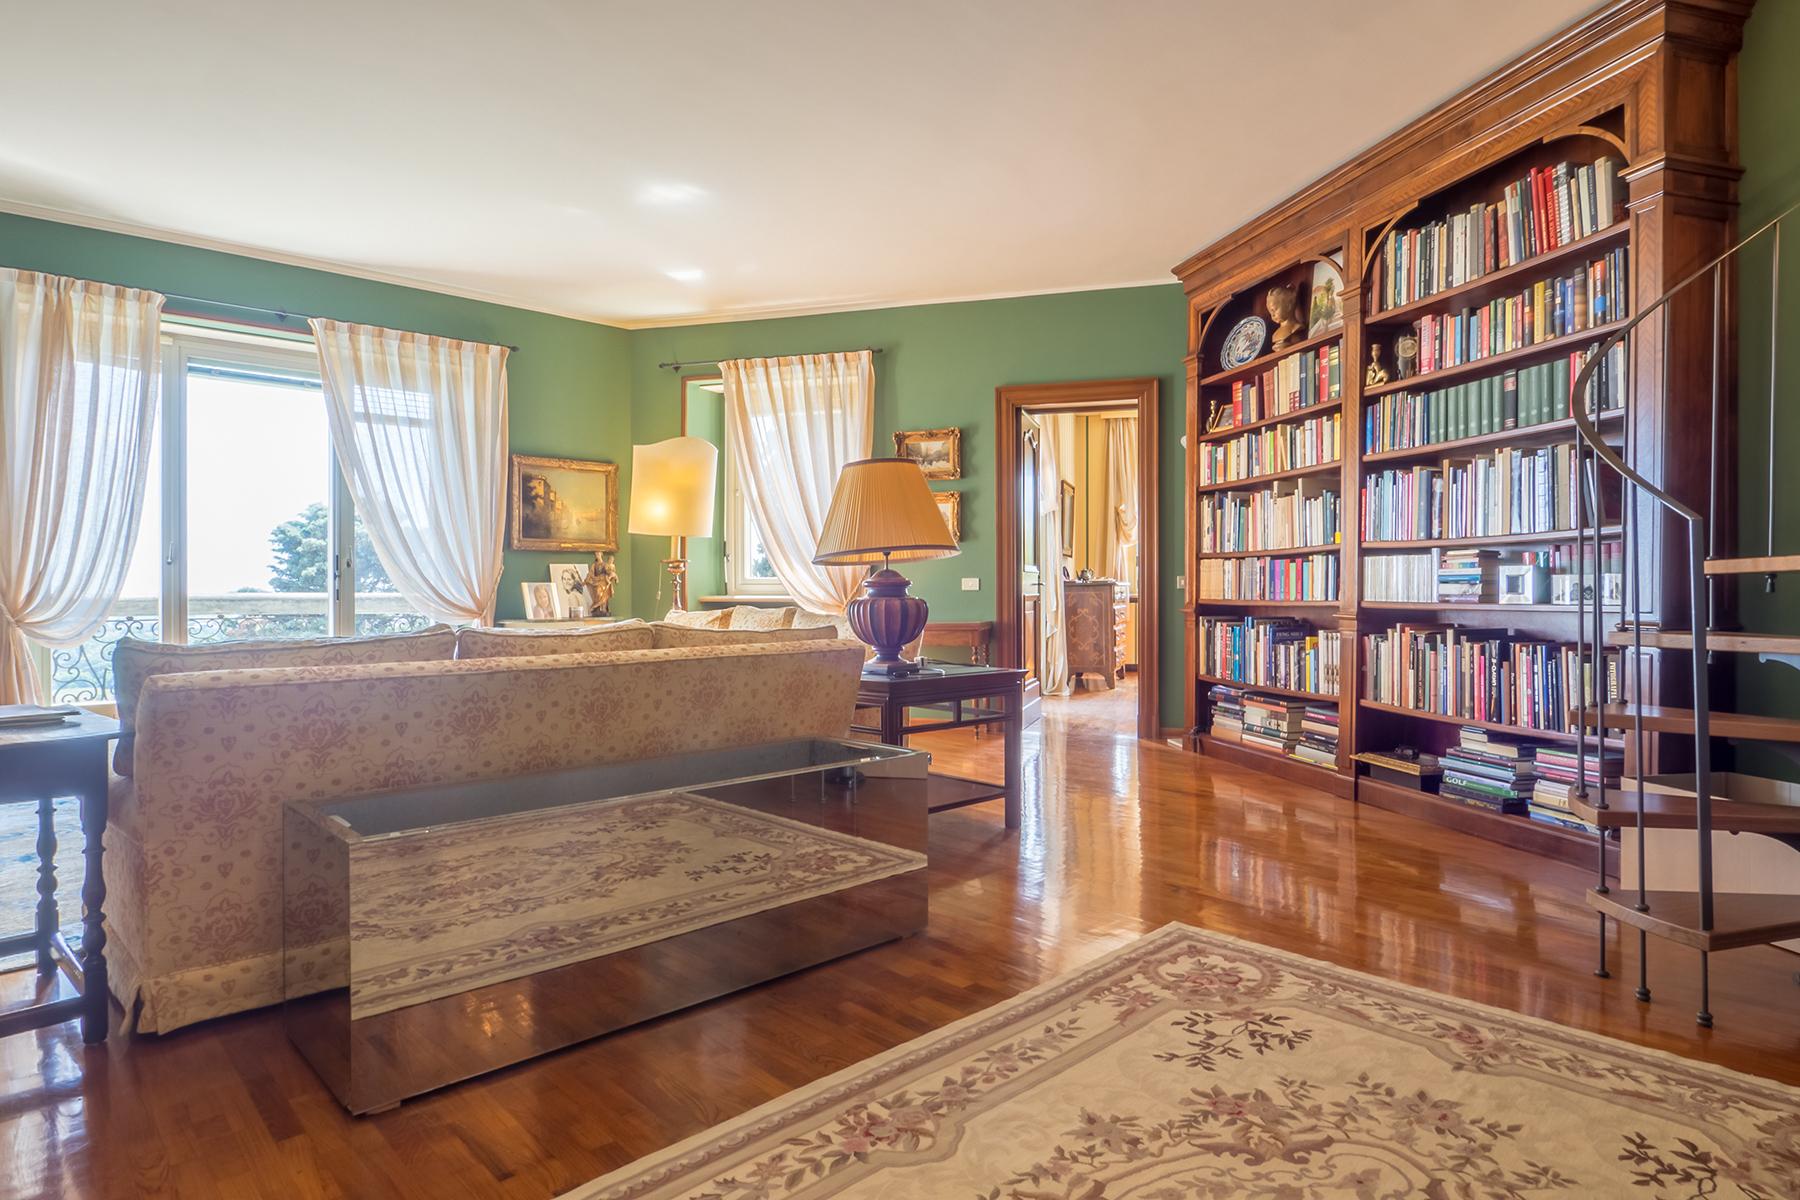 Appartamento in Vendita a Biella: 5 locali, 422 mq - Foto 8